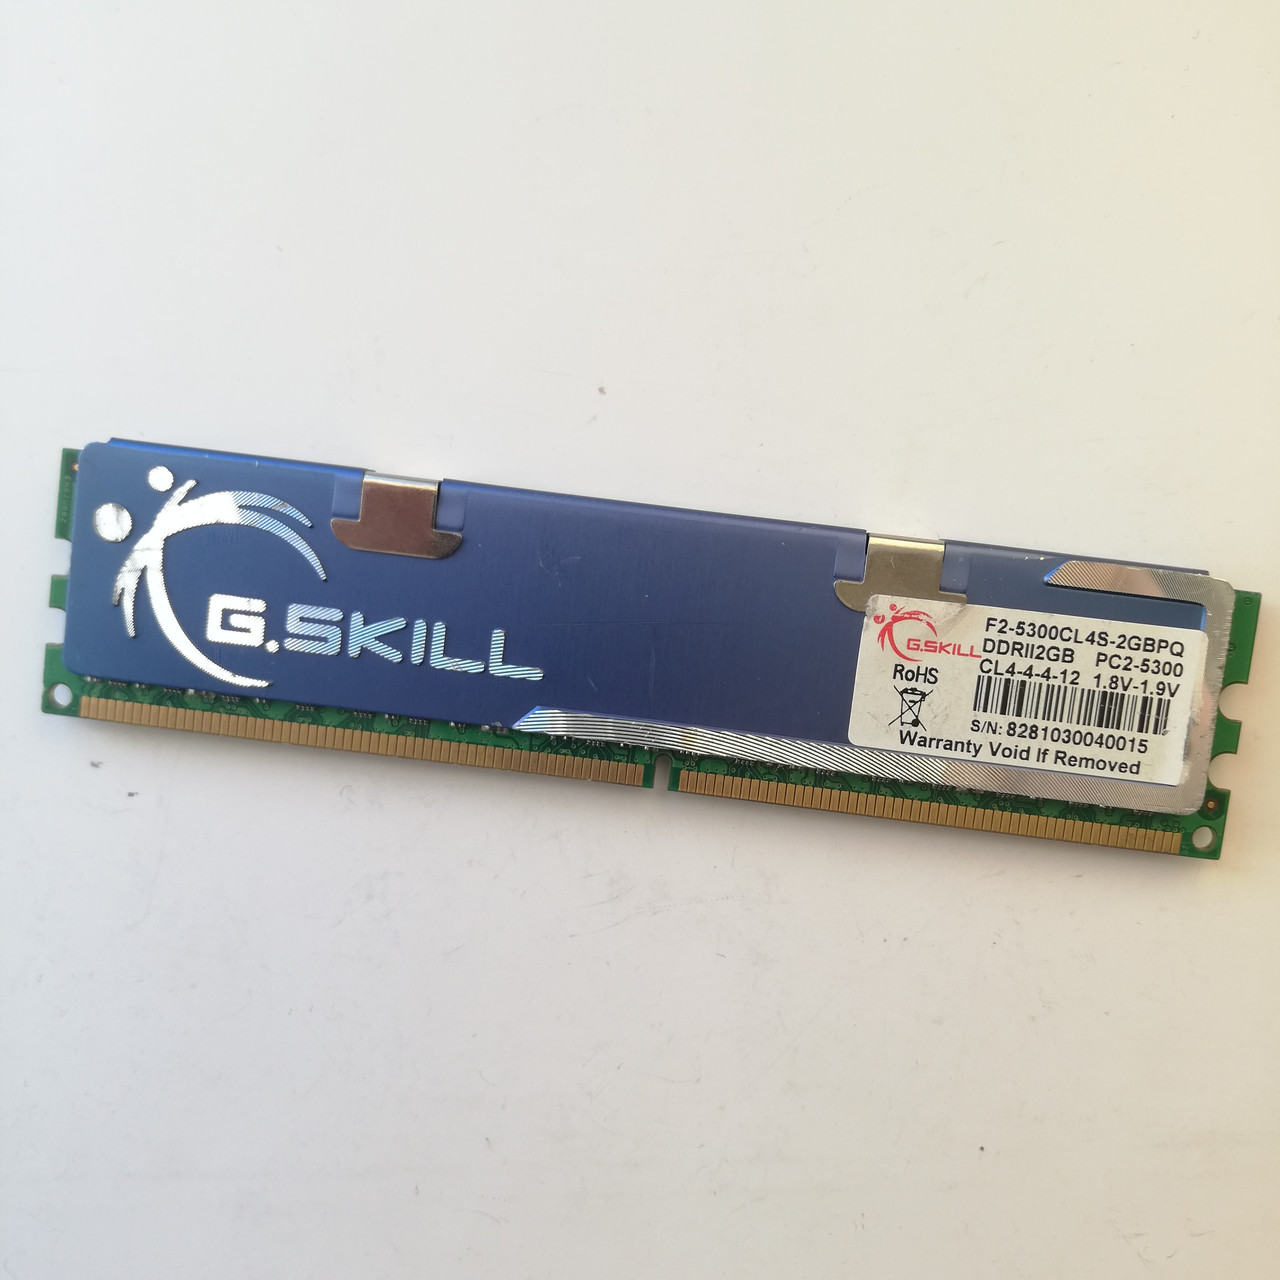 Игровая оперативная память G.Skill DDR2 2Gb 667MHz PC2 5300U CL4 (F2-5300CL4S-2GBPQ) Б/У